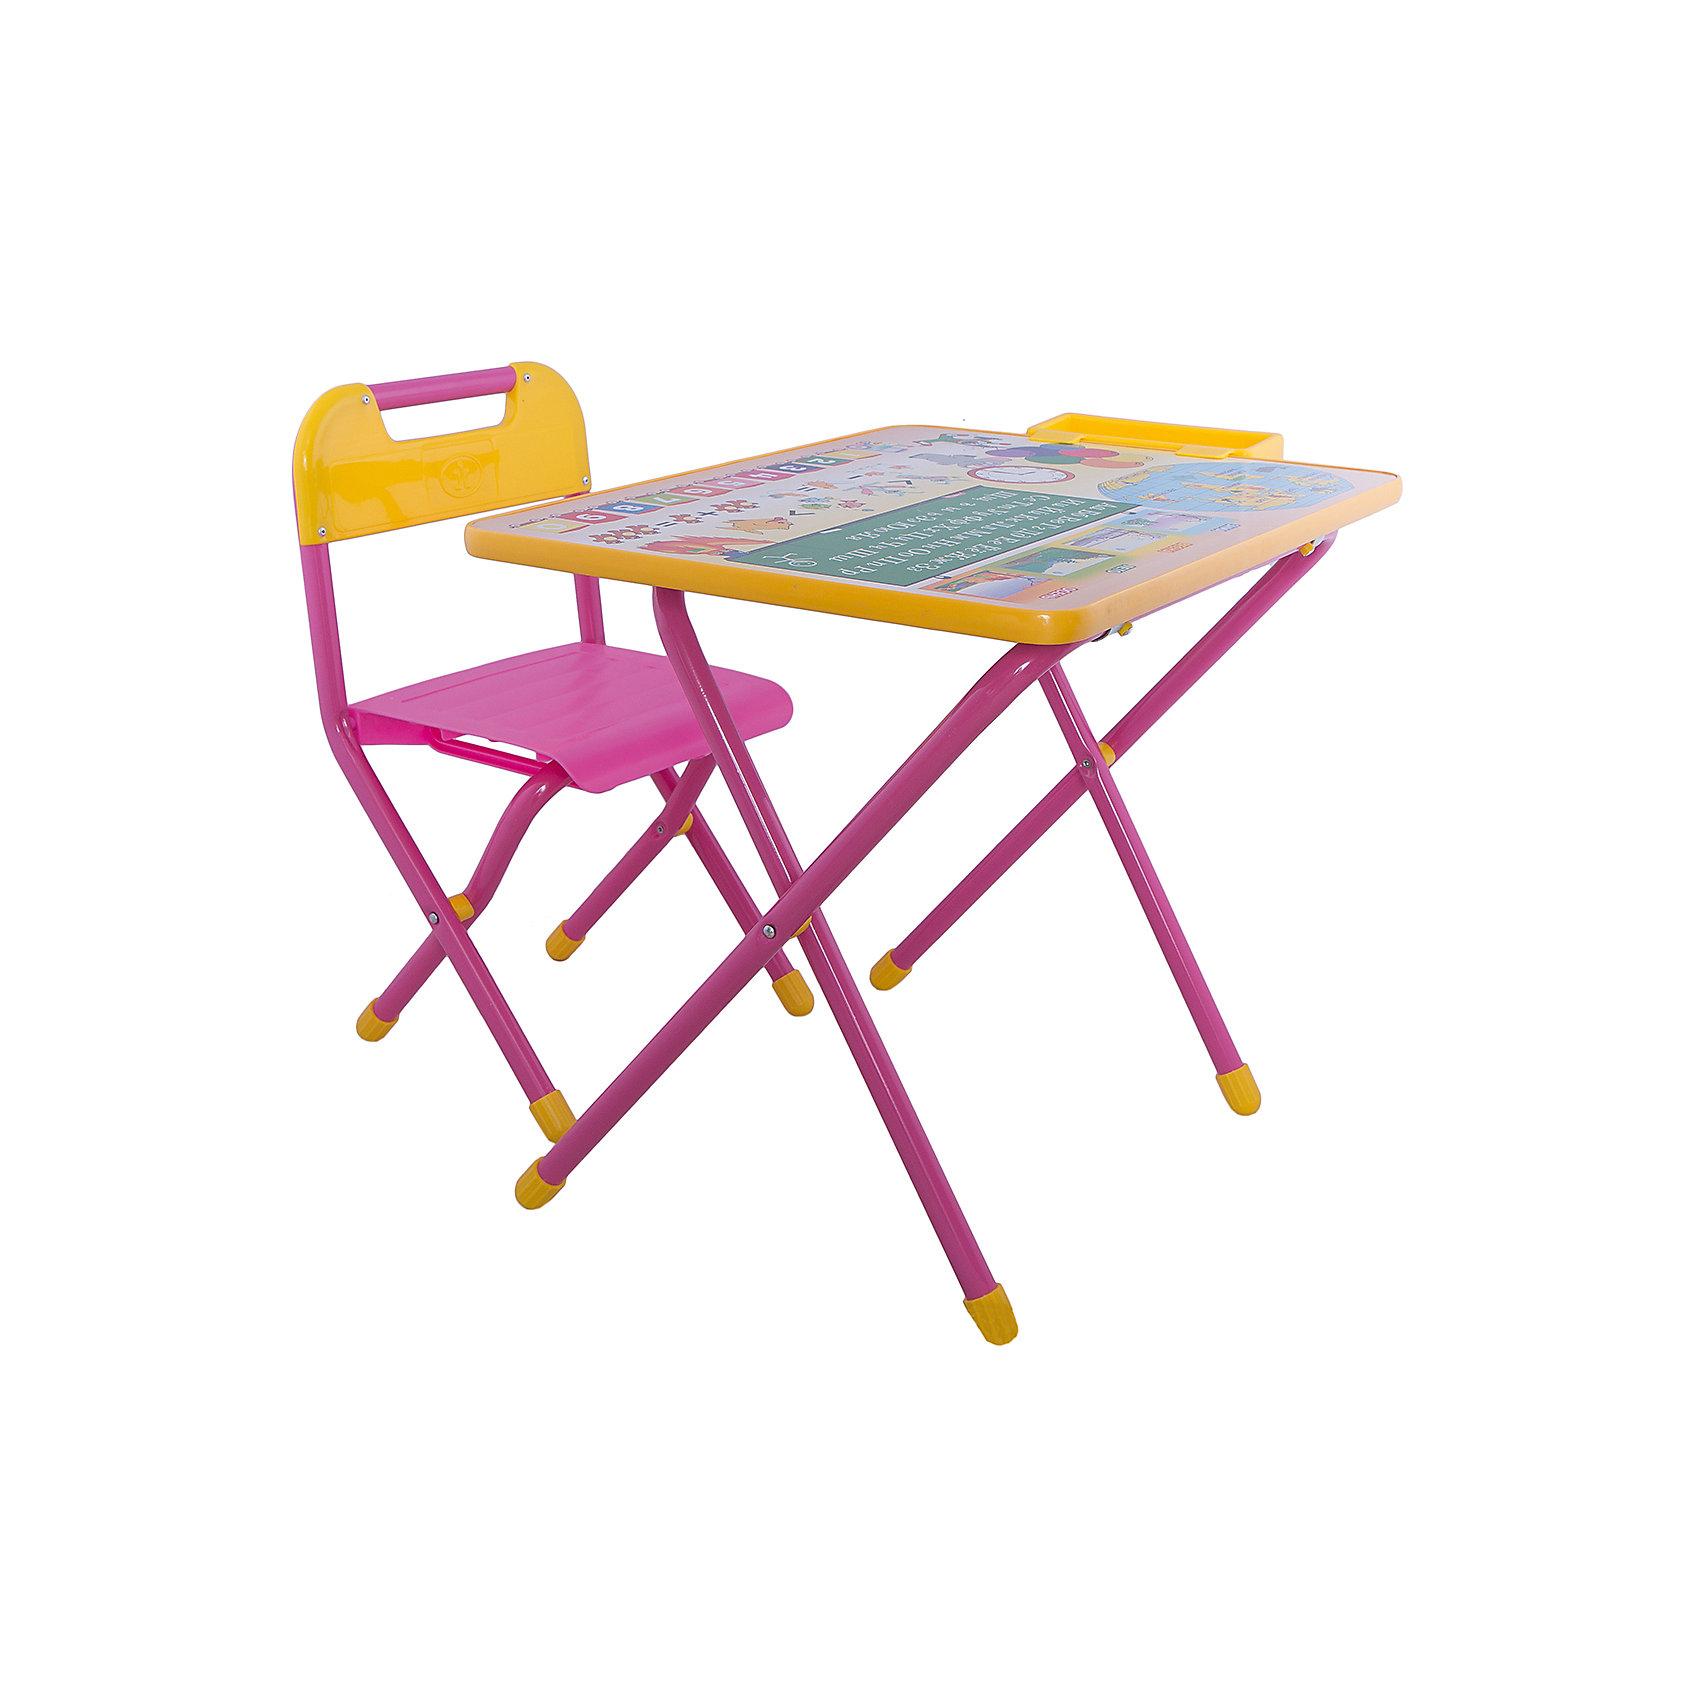 Набор мебели Глобус (2-5 лет), Дэми, розовыйДетские столы и стулья<br>Набор предназначен для детей с 2 до 5 лет. Набор состоит из стола и стульчика, и идеально подходит для организации детских игр и занятий, как в дошкольных учреждениях, так и для домашнего использования. Выпускаются модели, рассчитанные на разные возрастные группы: размеры мебели соответствуют российскому ГОСТу (ростовка 2). Поверхность столешницы ламинированная, ее легко мыть и чистить. На столешницу нанесен яркий, красивый обучающий рисунок, позволяющий Вашему ребенку познакомиться с миром букв и цифр. После занятий при необходимости его можно сложить и убрать, что позволяет использовать его даже в малогабаритных помещениях. Размеры столешницы - 450Х600 мм. Высота до плоскости столешницы - 460 мм. Высота по сиденью - 260 мм. Высота верхнего края спинки - 240 мм. Допустимая нагрузка на сиденье - не более 30 кг.<br><br>Ширина мм: 150<br>Глубина мм: 740<br>Высота мм: 640<br>Вес г: 8000<br>Возраст от месяцев: 24<br>Возраст до месяцев: 60<br>Пол: Женский<br>Возраст: Детский<br>SKU: 3247873